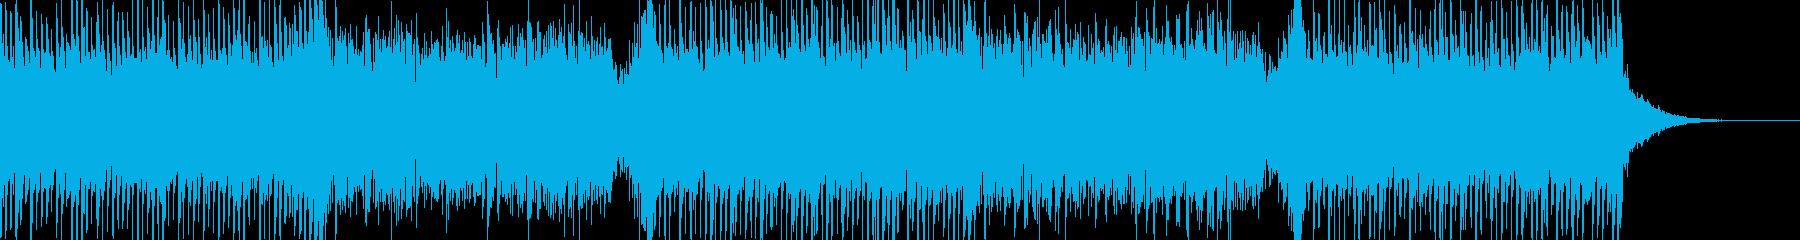 和風なアクションBGMの再生済みの波形